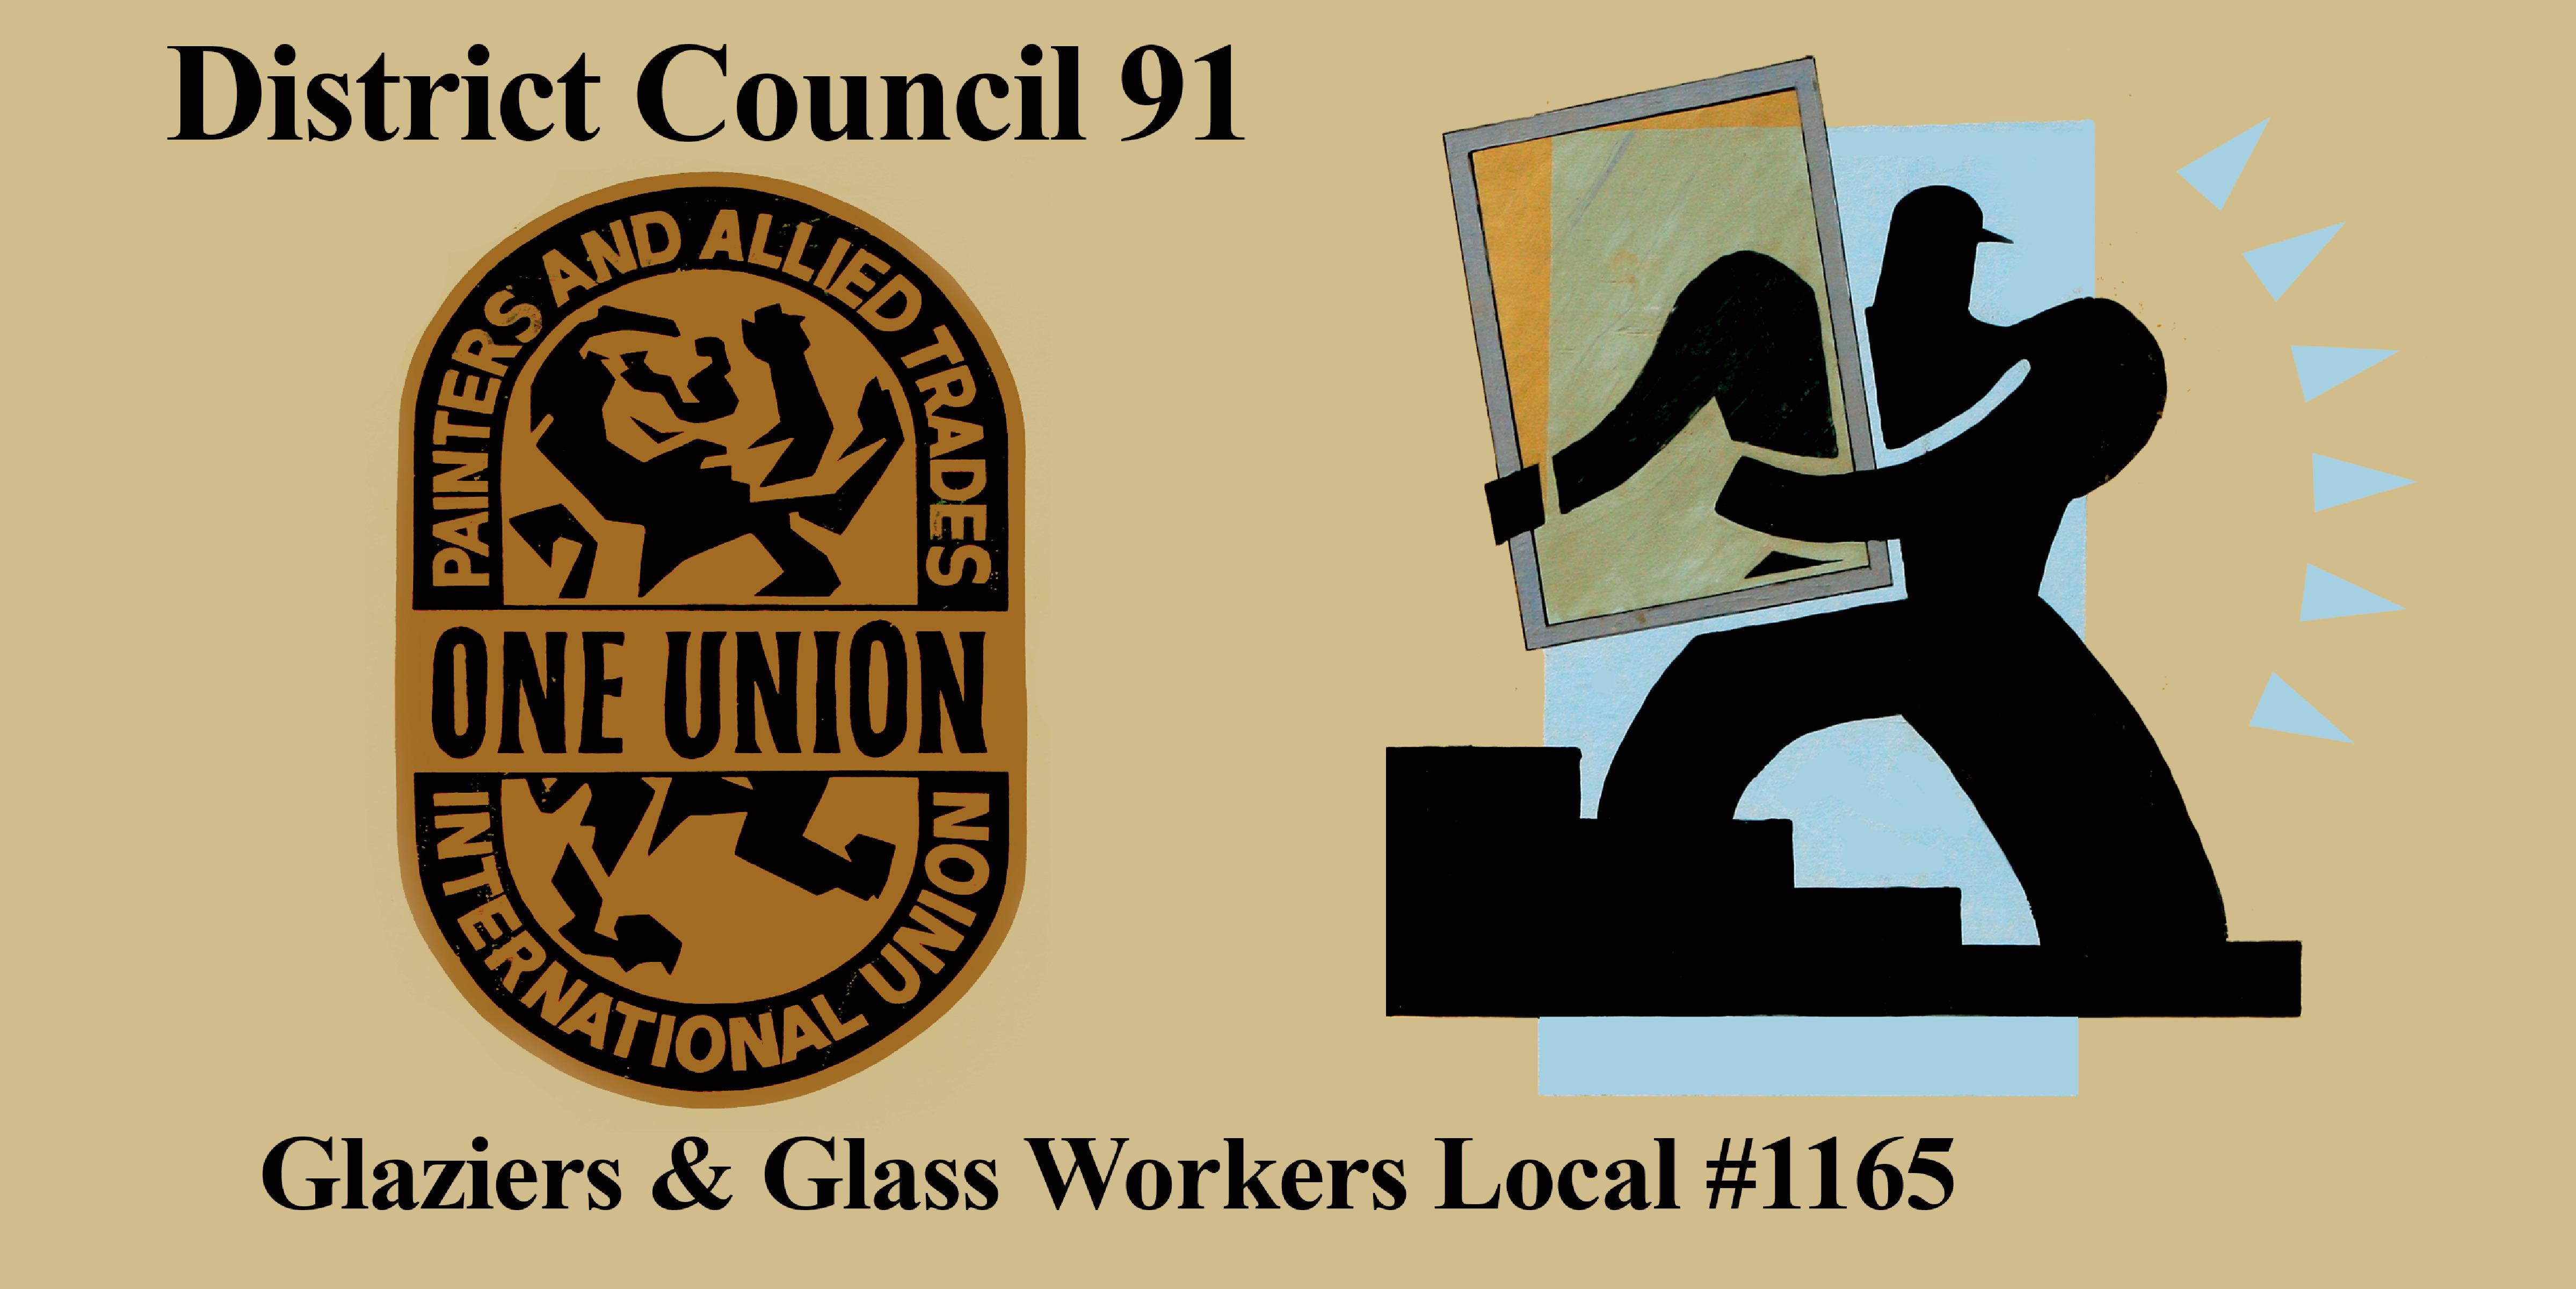 Glaziers #1165